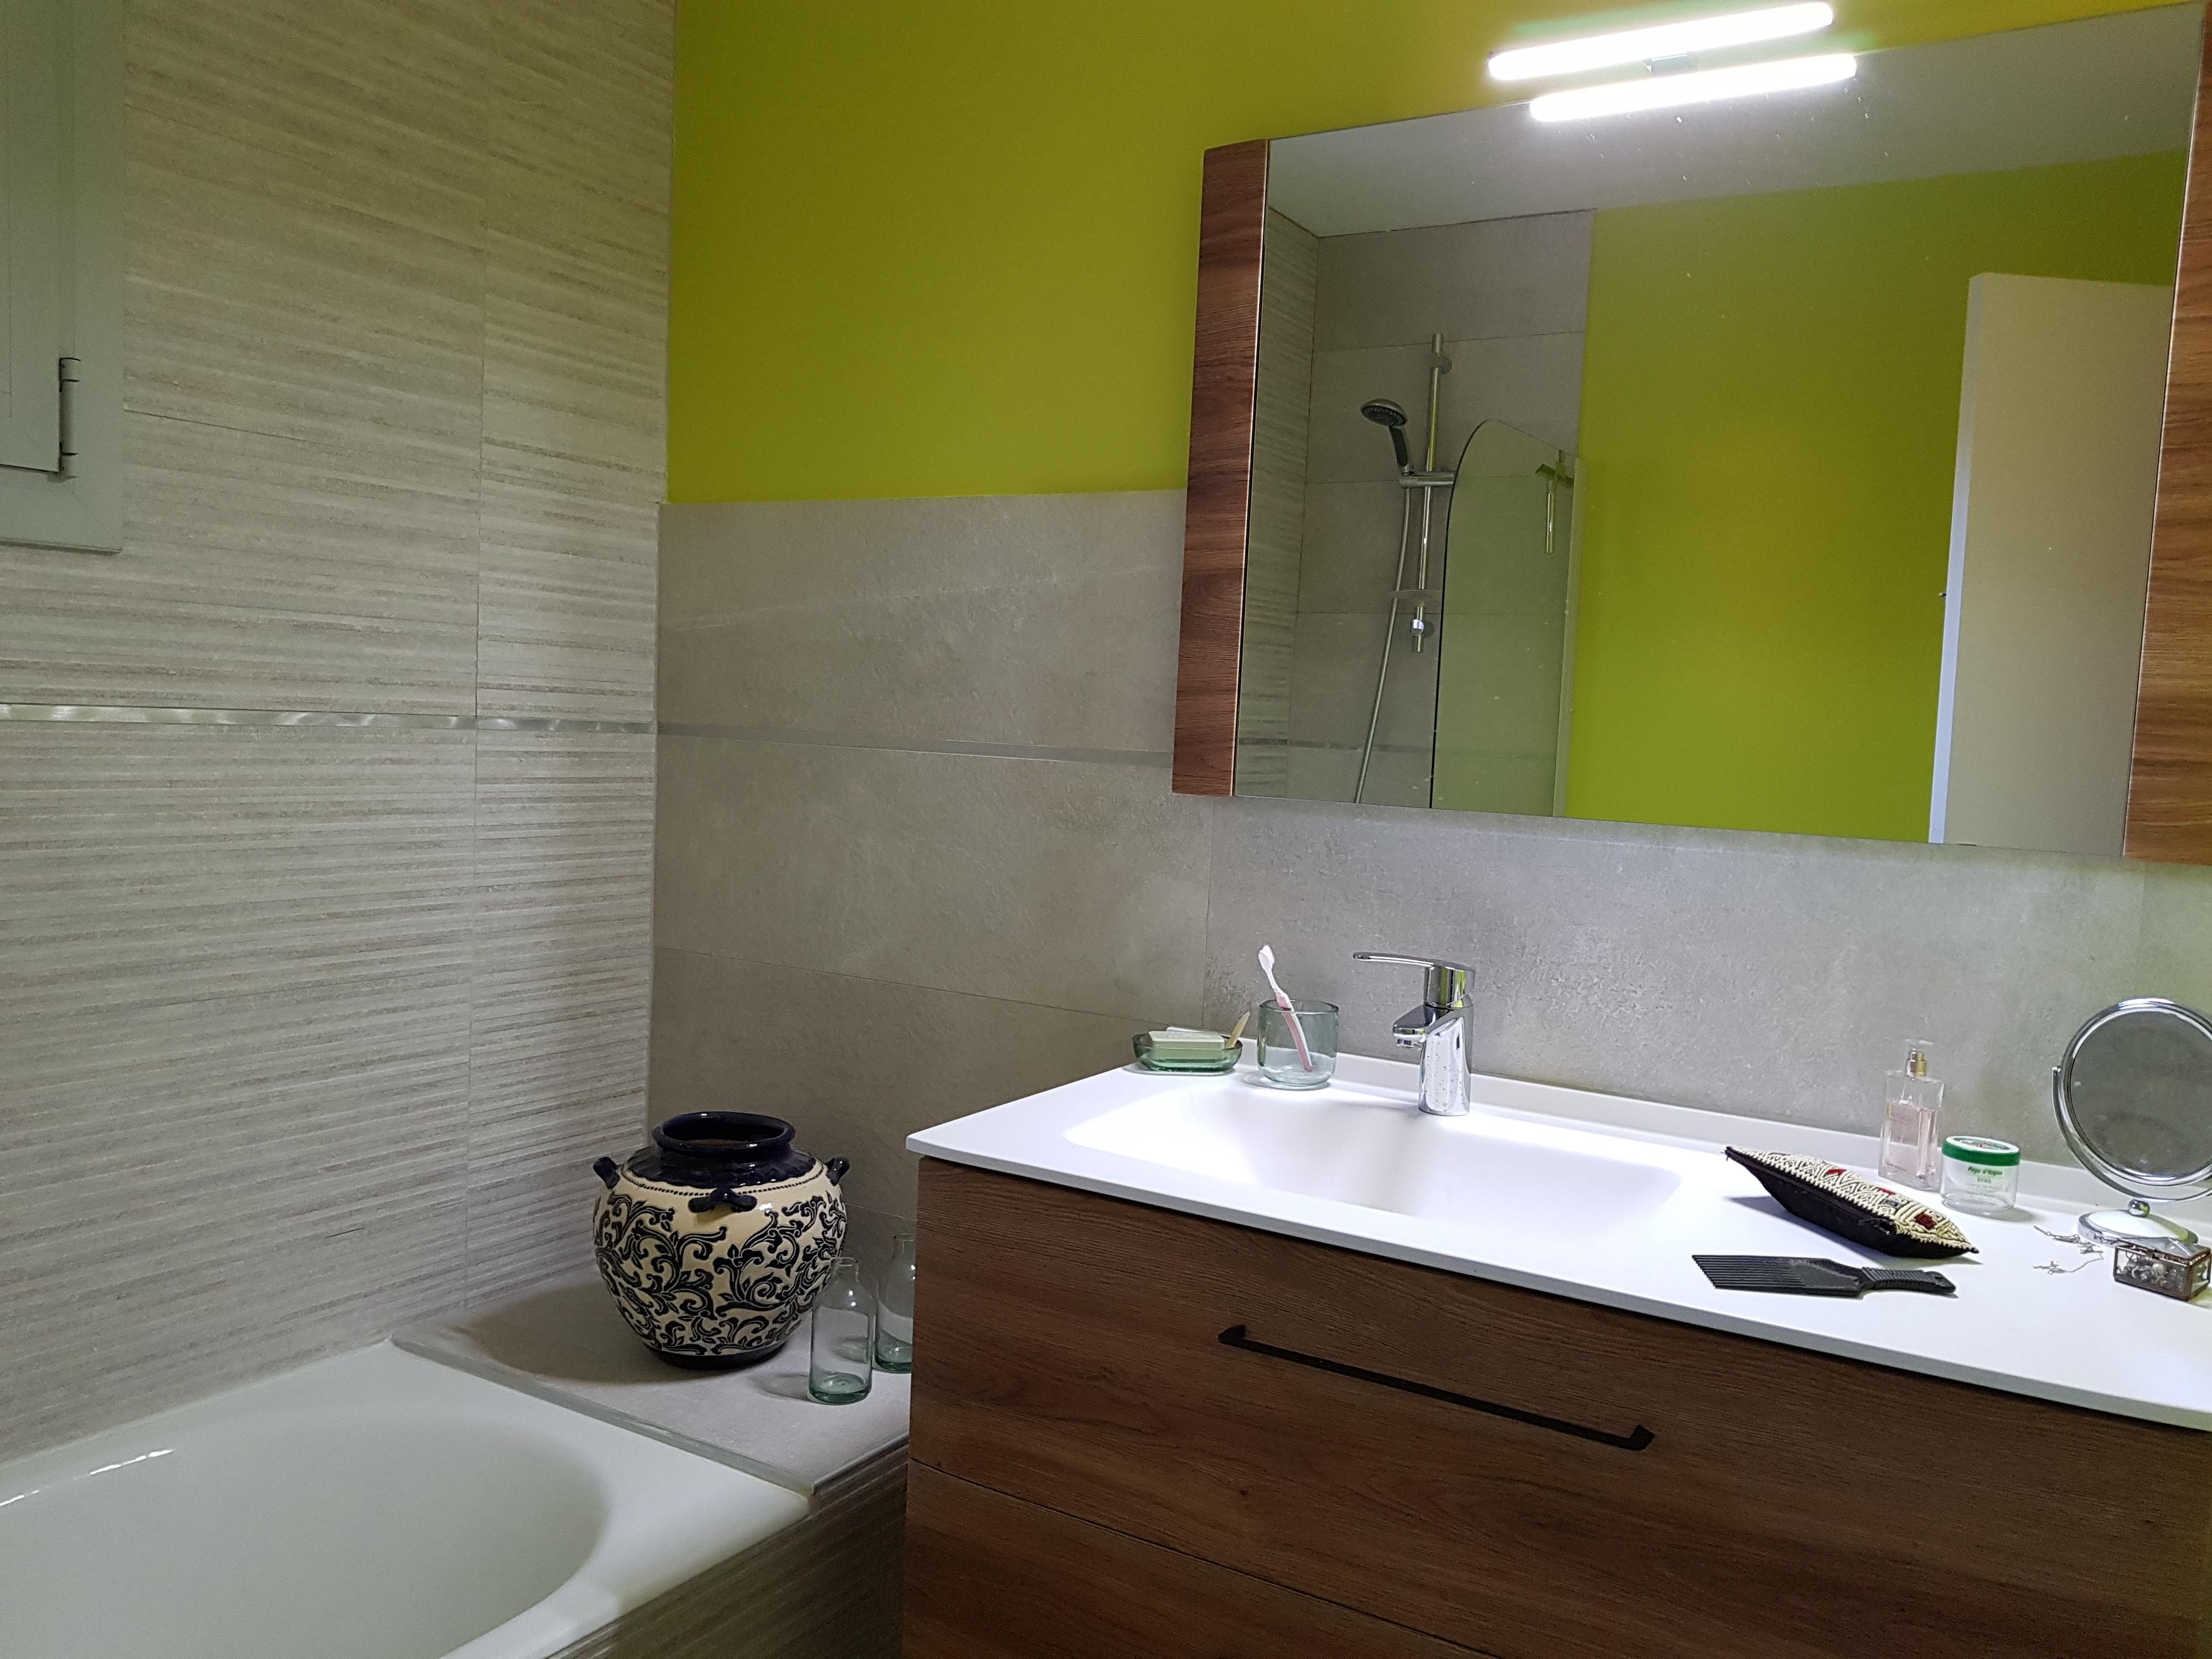 Salle de bain de l'olivier